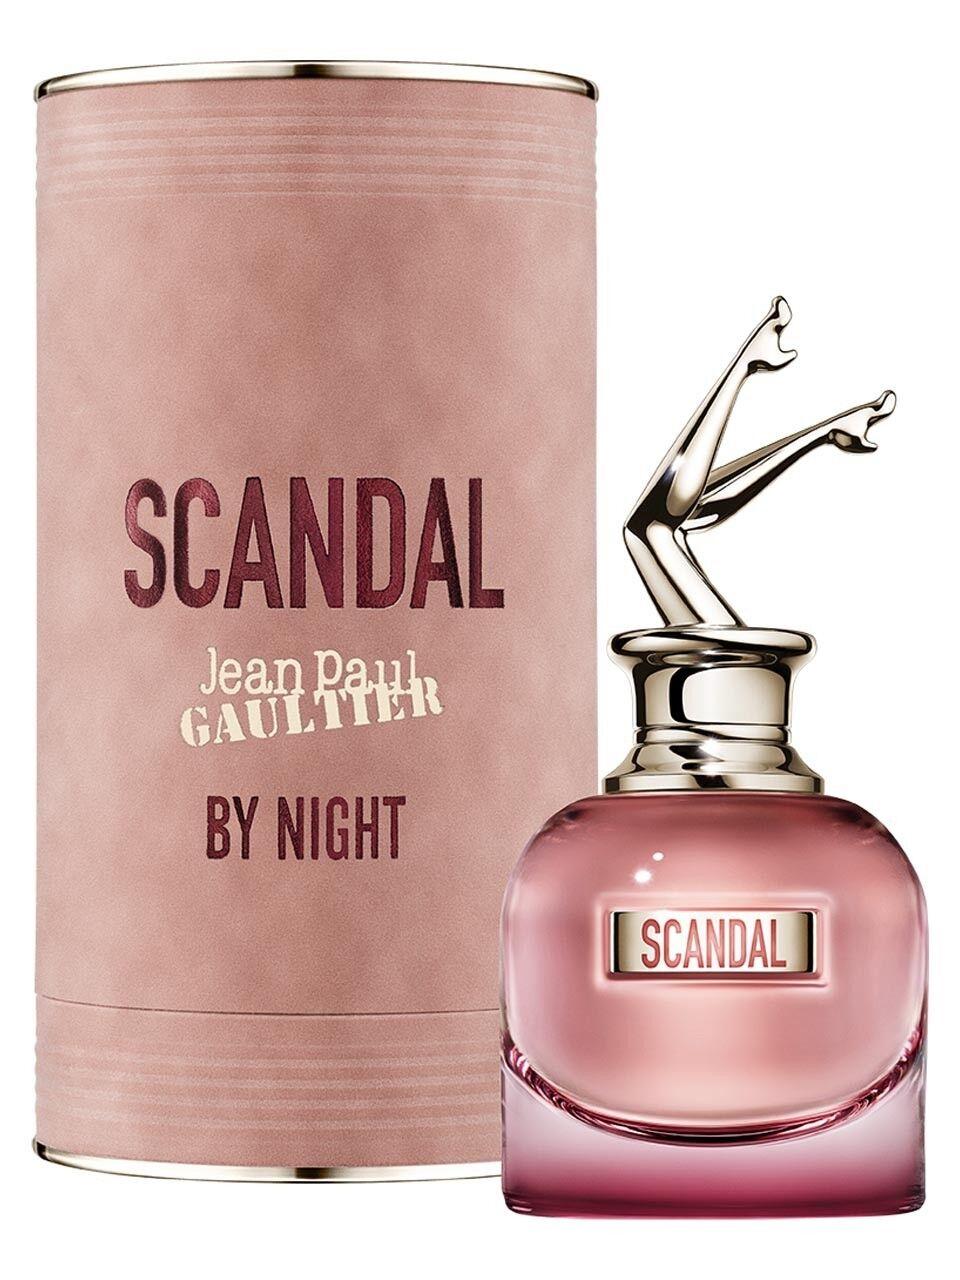 Jean Paul Gaultier - Scandal by Night Eau de Parfum Spray - New Launch